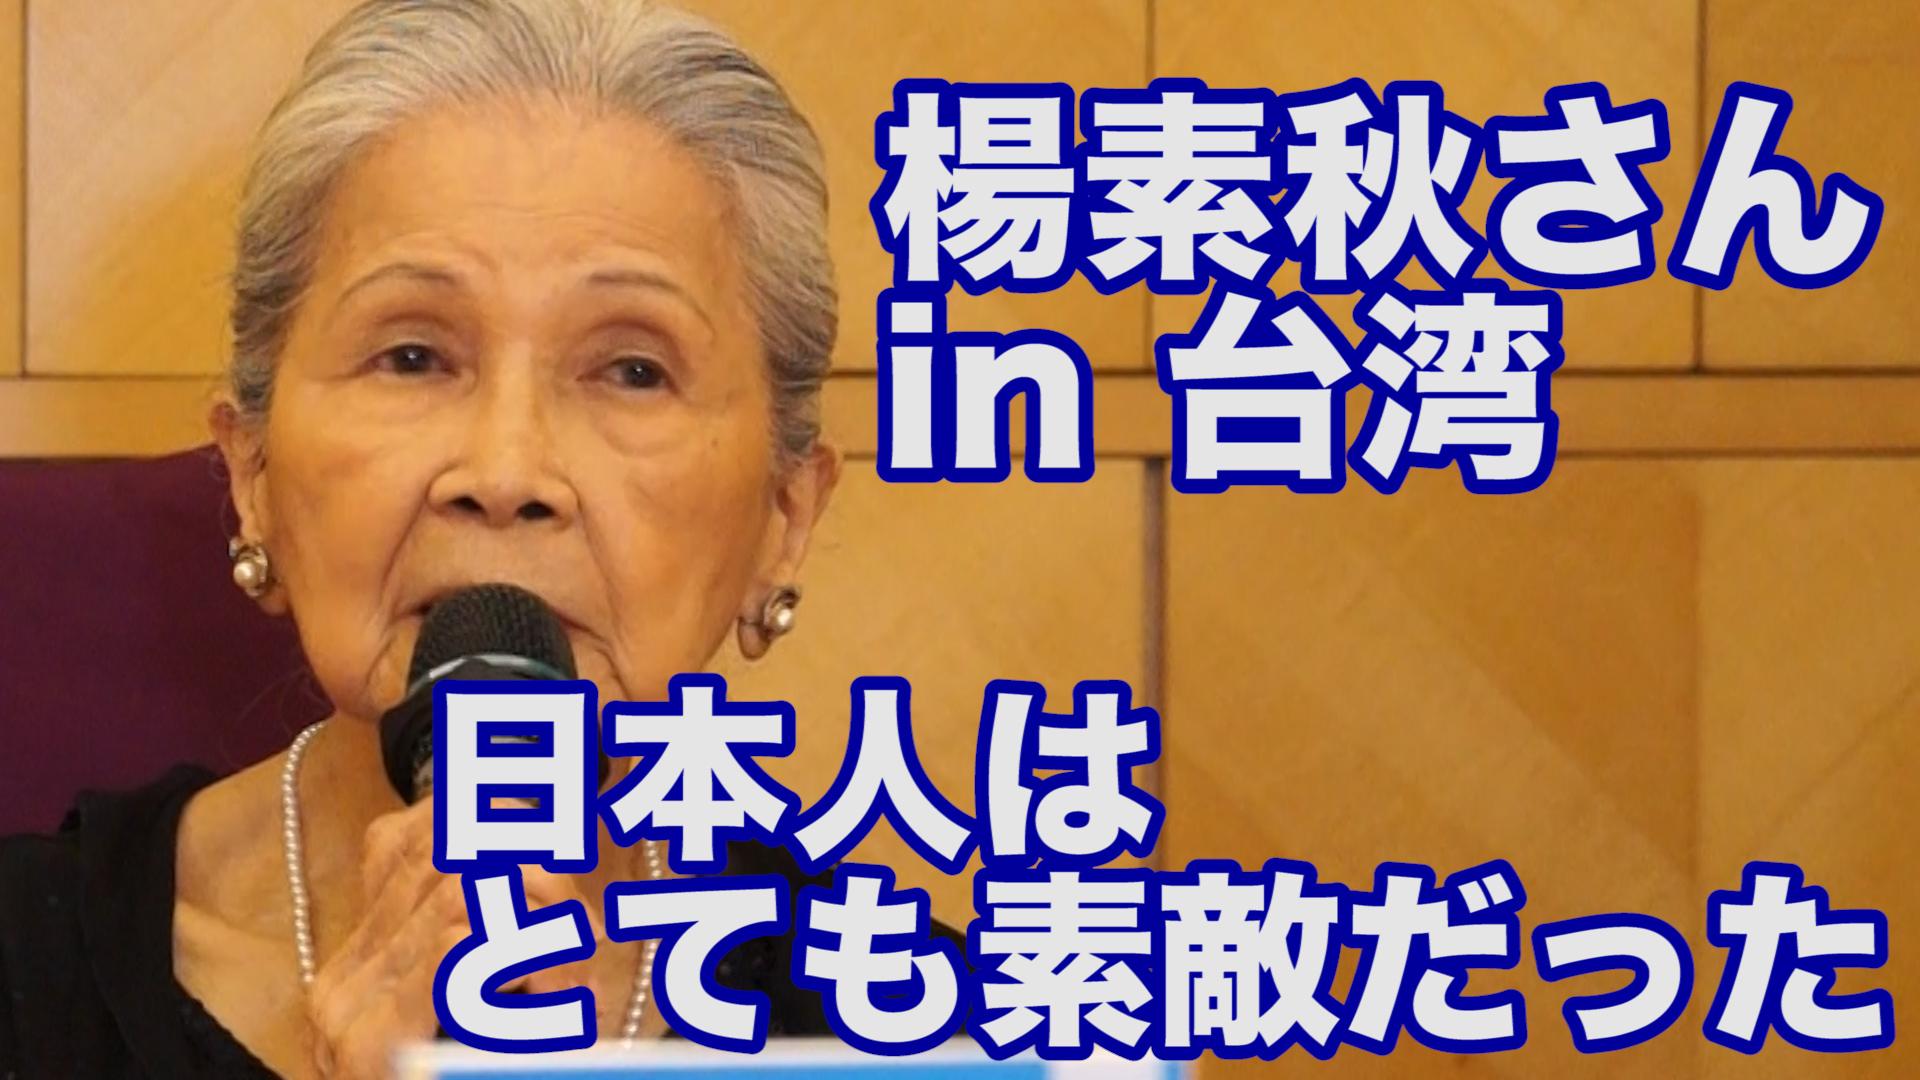 日本人はとても素敵だった